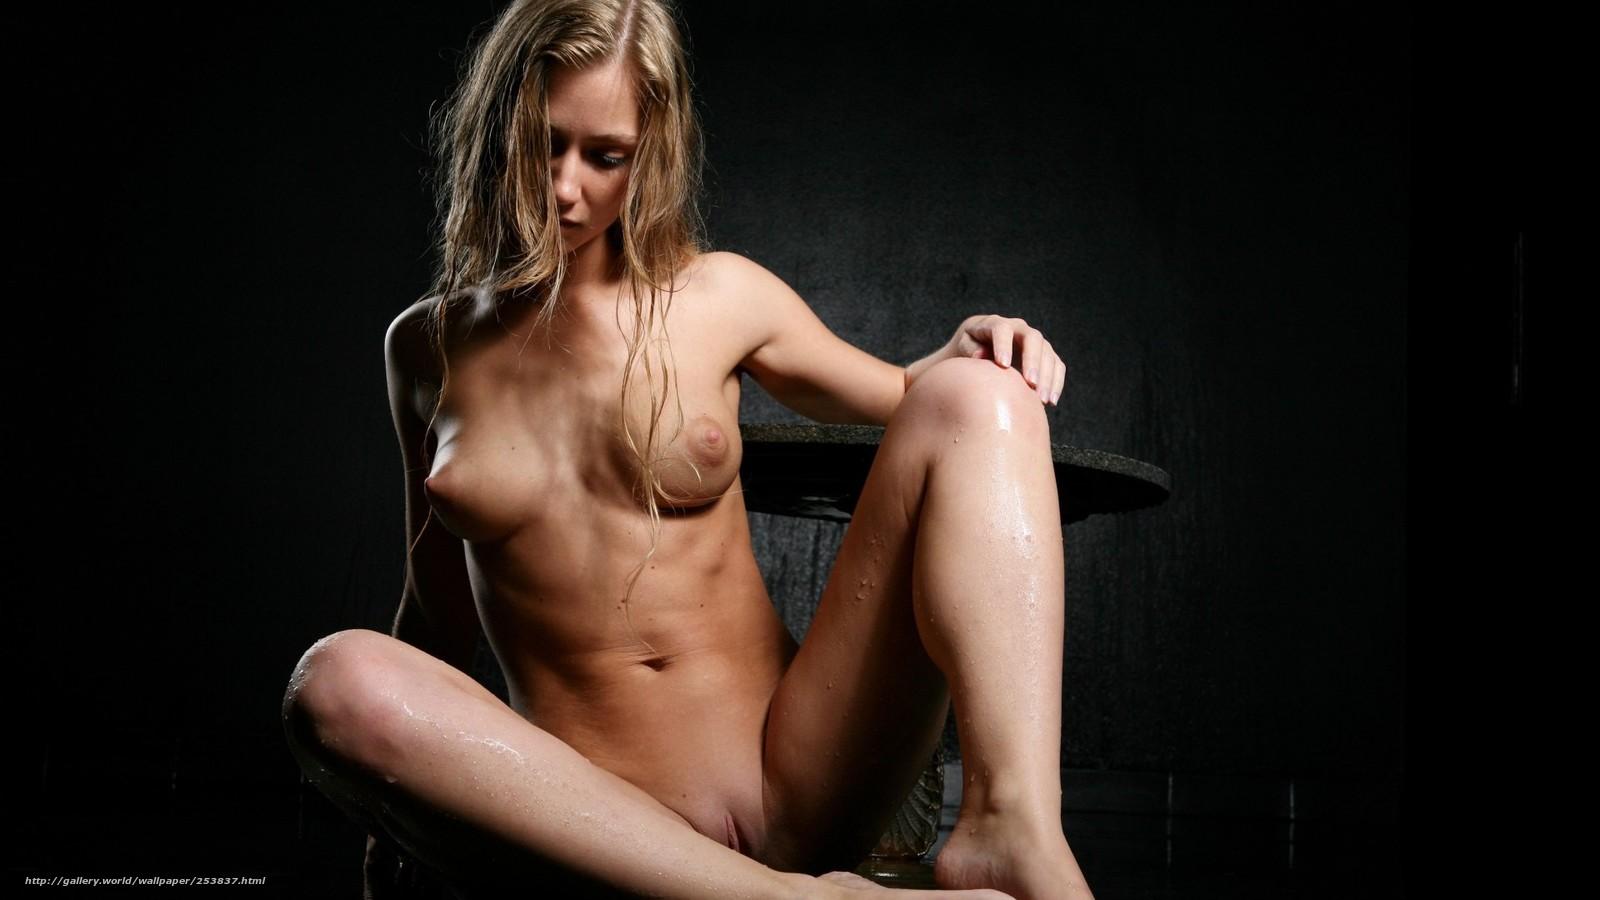 Смотреть бесплатно девушки обои эротические 17 фотография